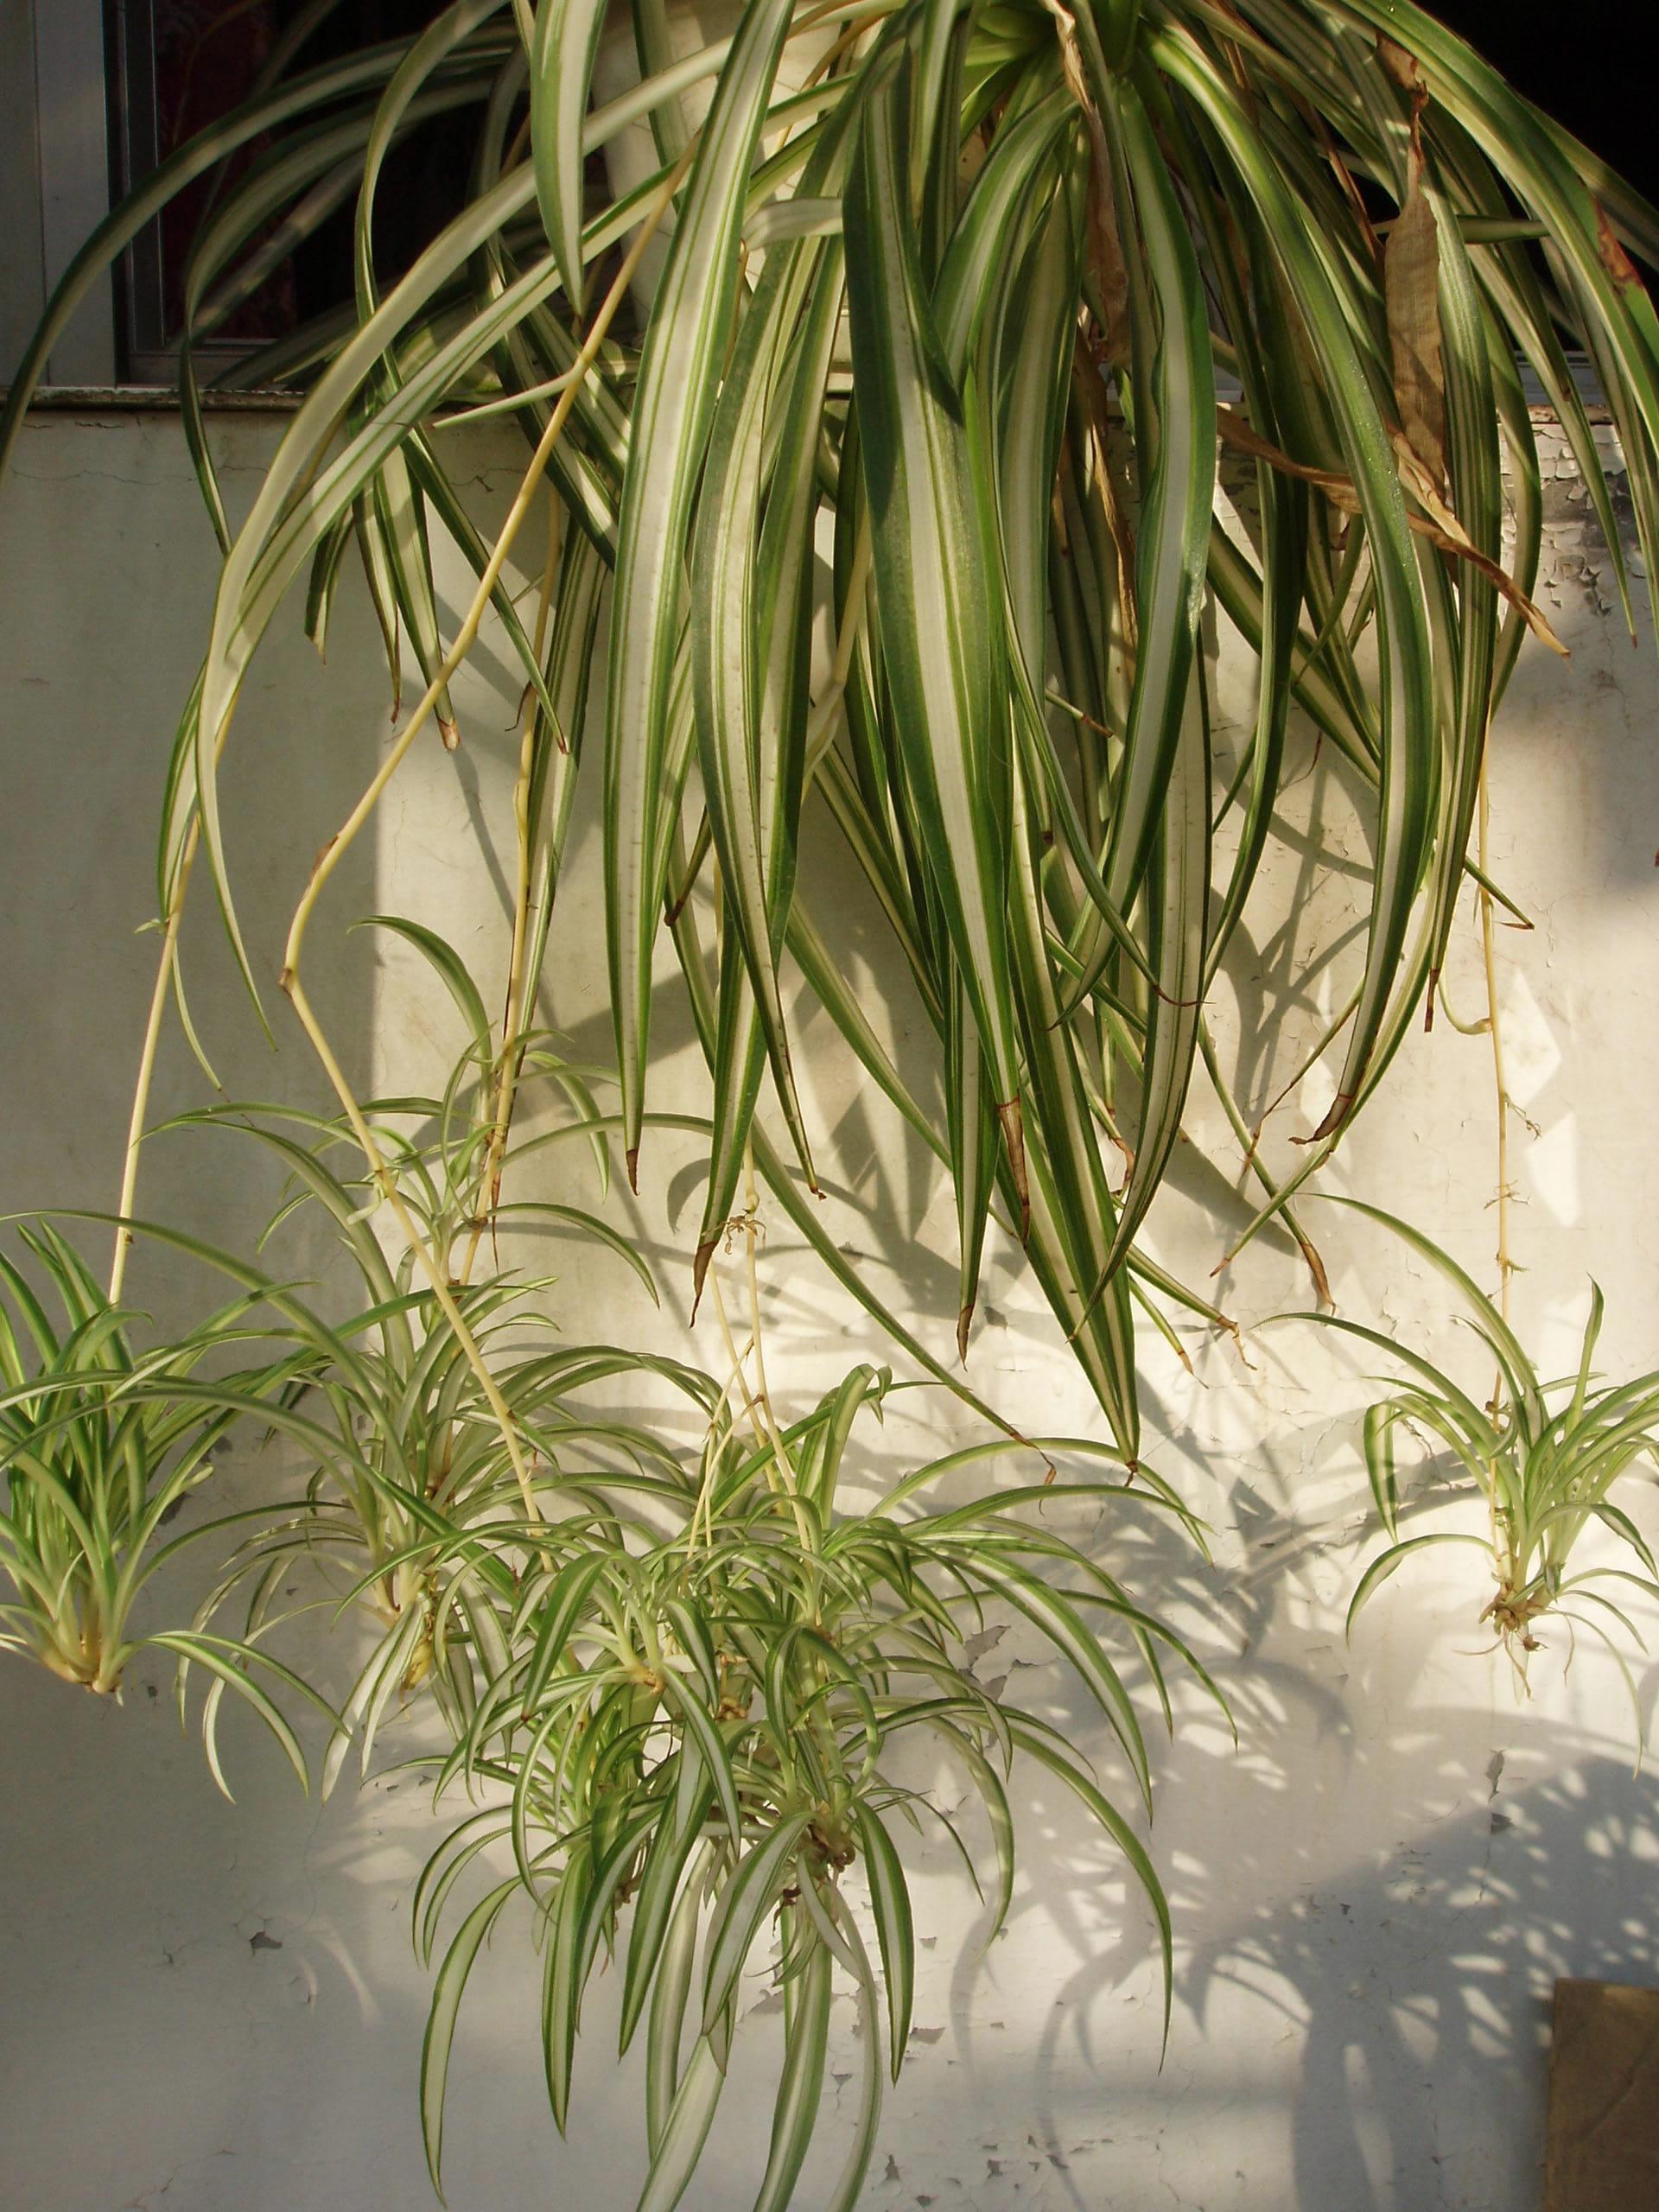 kordela, chlorophytum